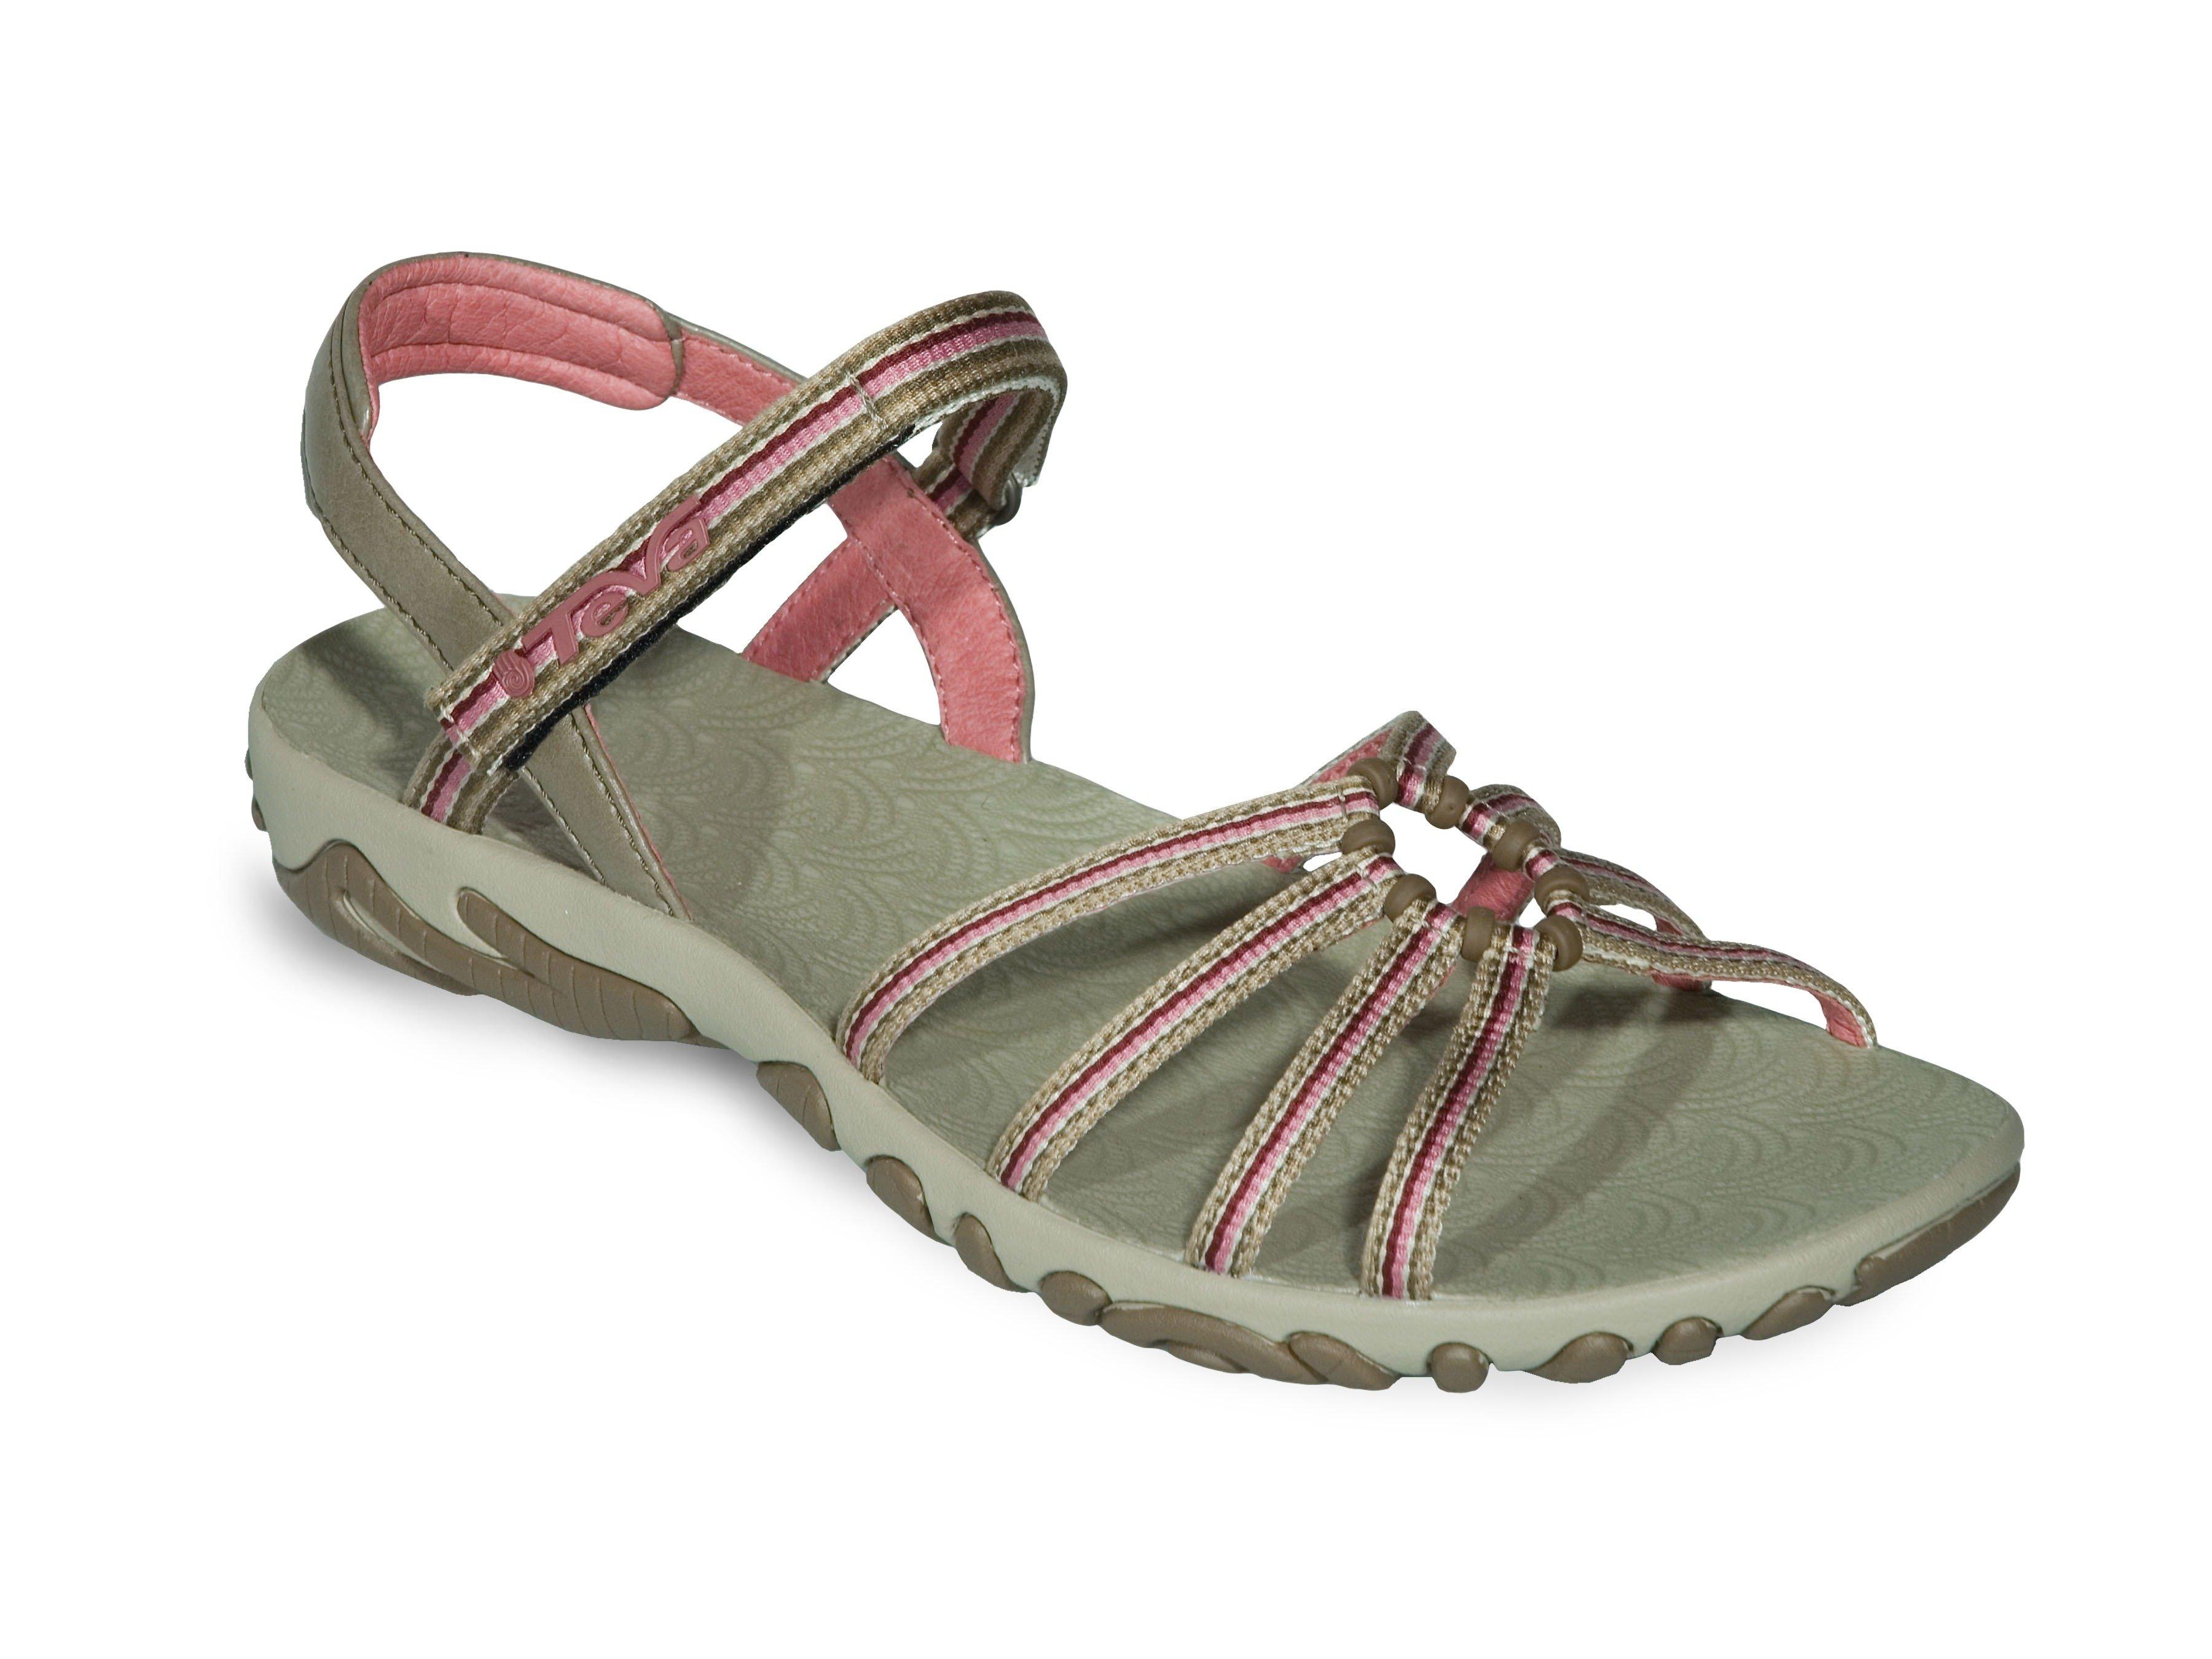 Teva kayenta dame sandal fra Teva på billigsport24